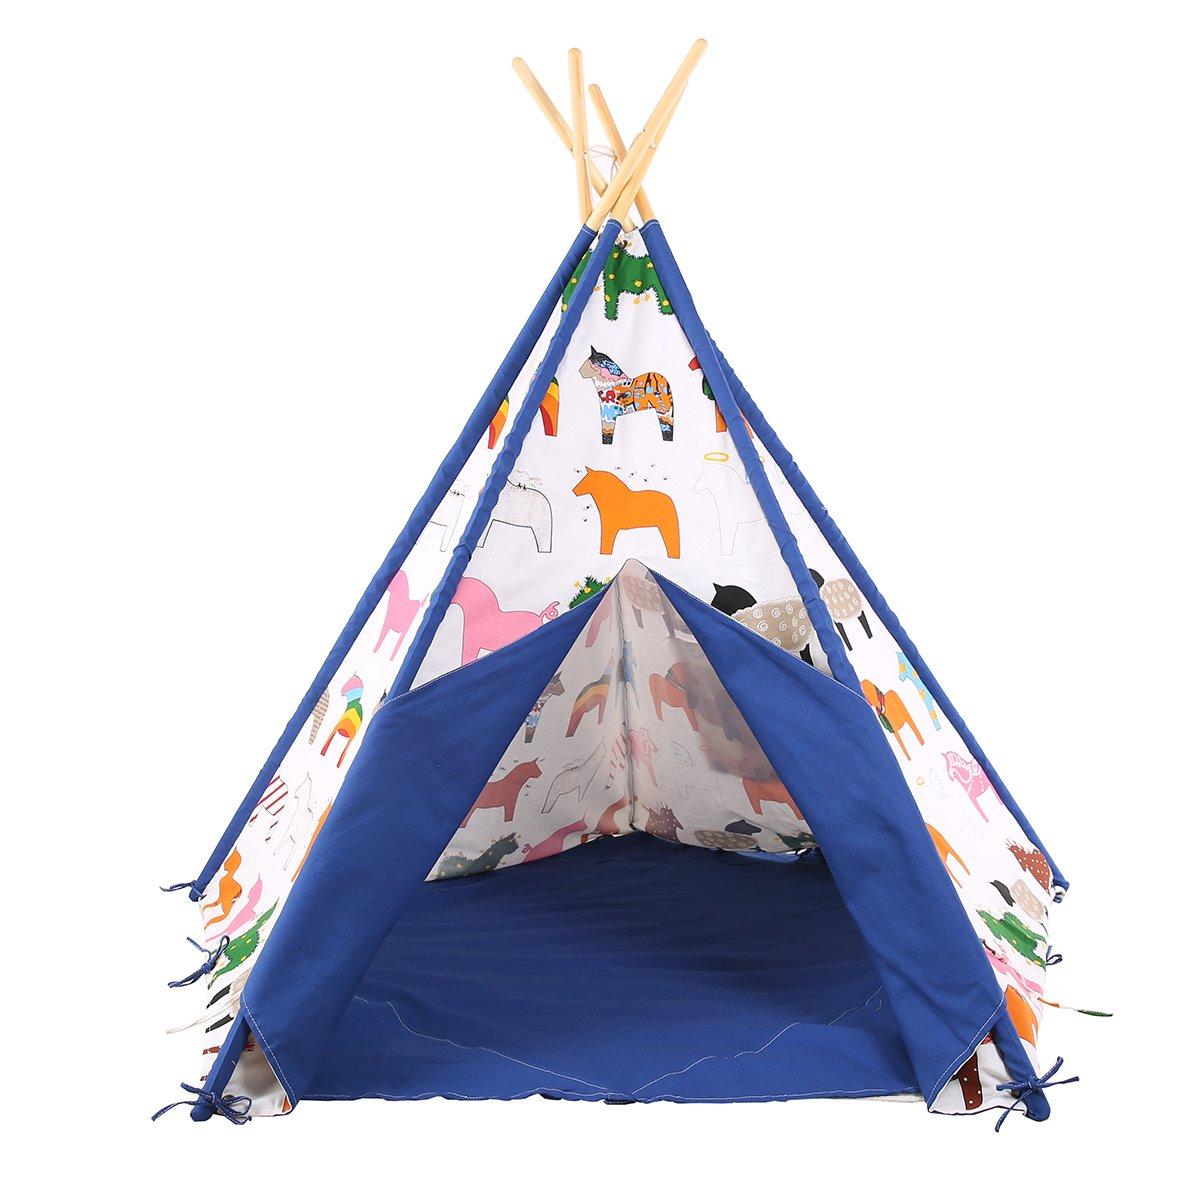 Pericross® Indianerzelt Kinder Schaukelpferd Tipi mit Fenster und Decke 100% Baumwolle Blau online kaufen